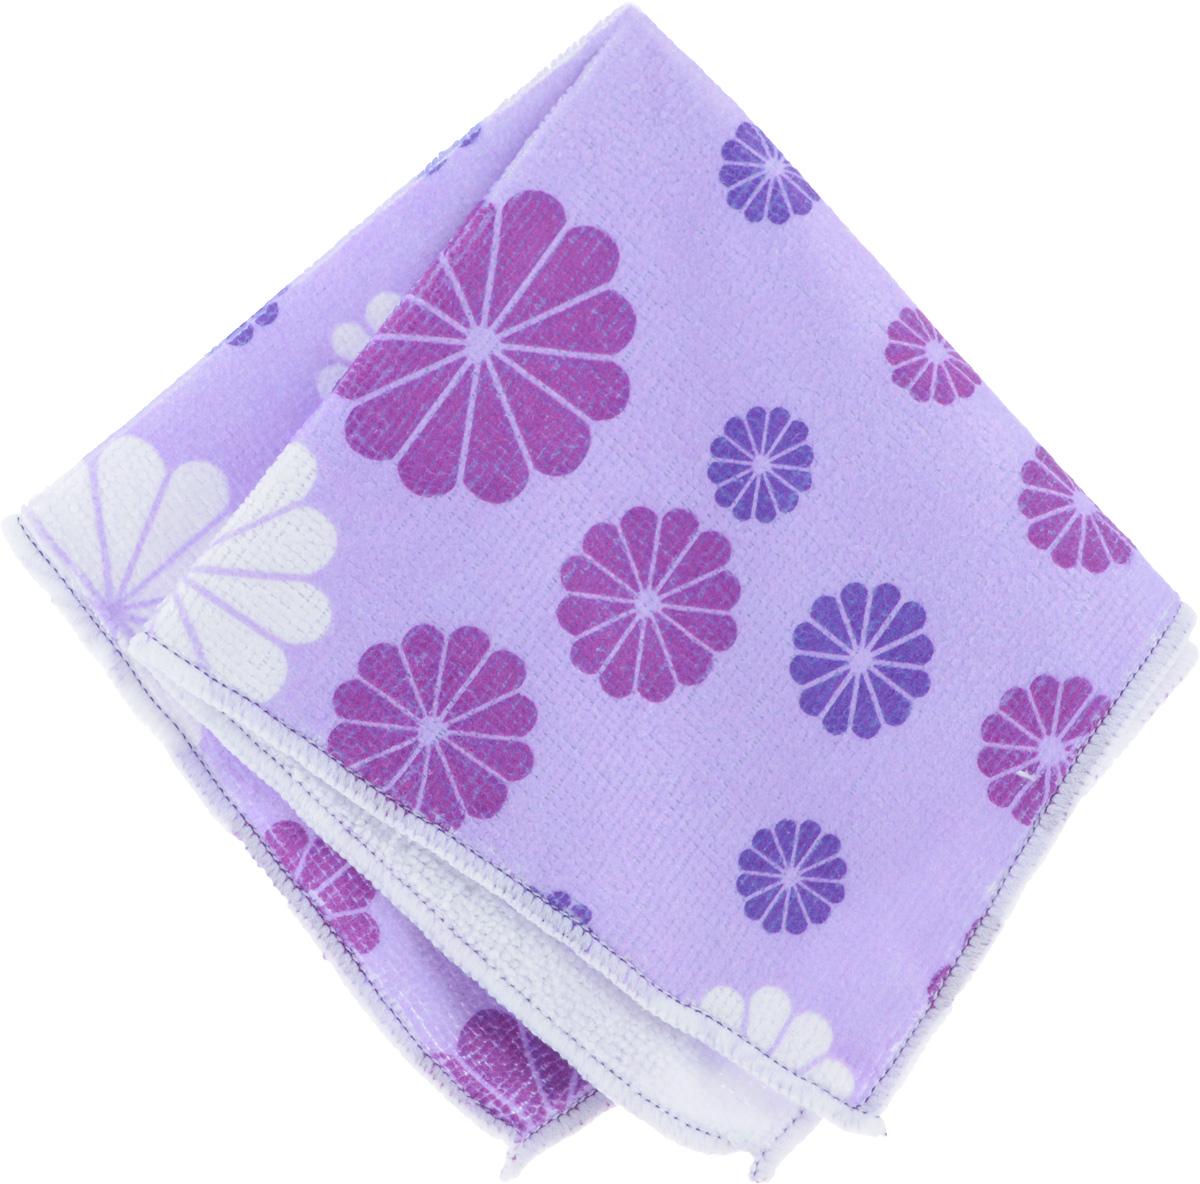 Салфетка универсальная Хозяюшка Мила Вальс цветов, цвет: сиреневый, 30 см х 30 см пакет для запекания хозяюшка мила 30 х 40 см 5 шт